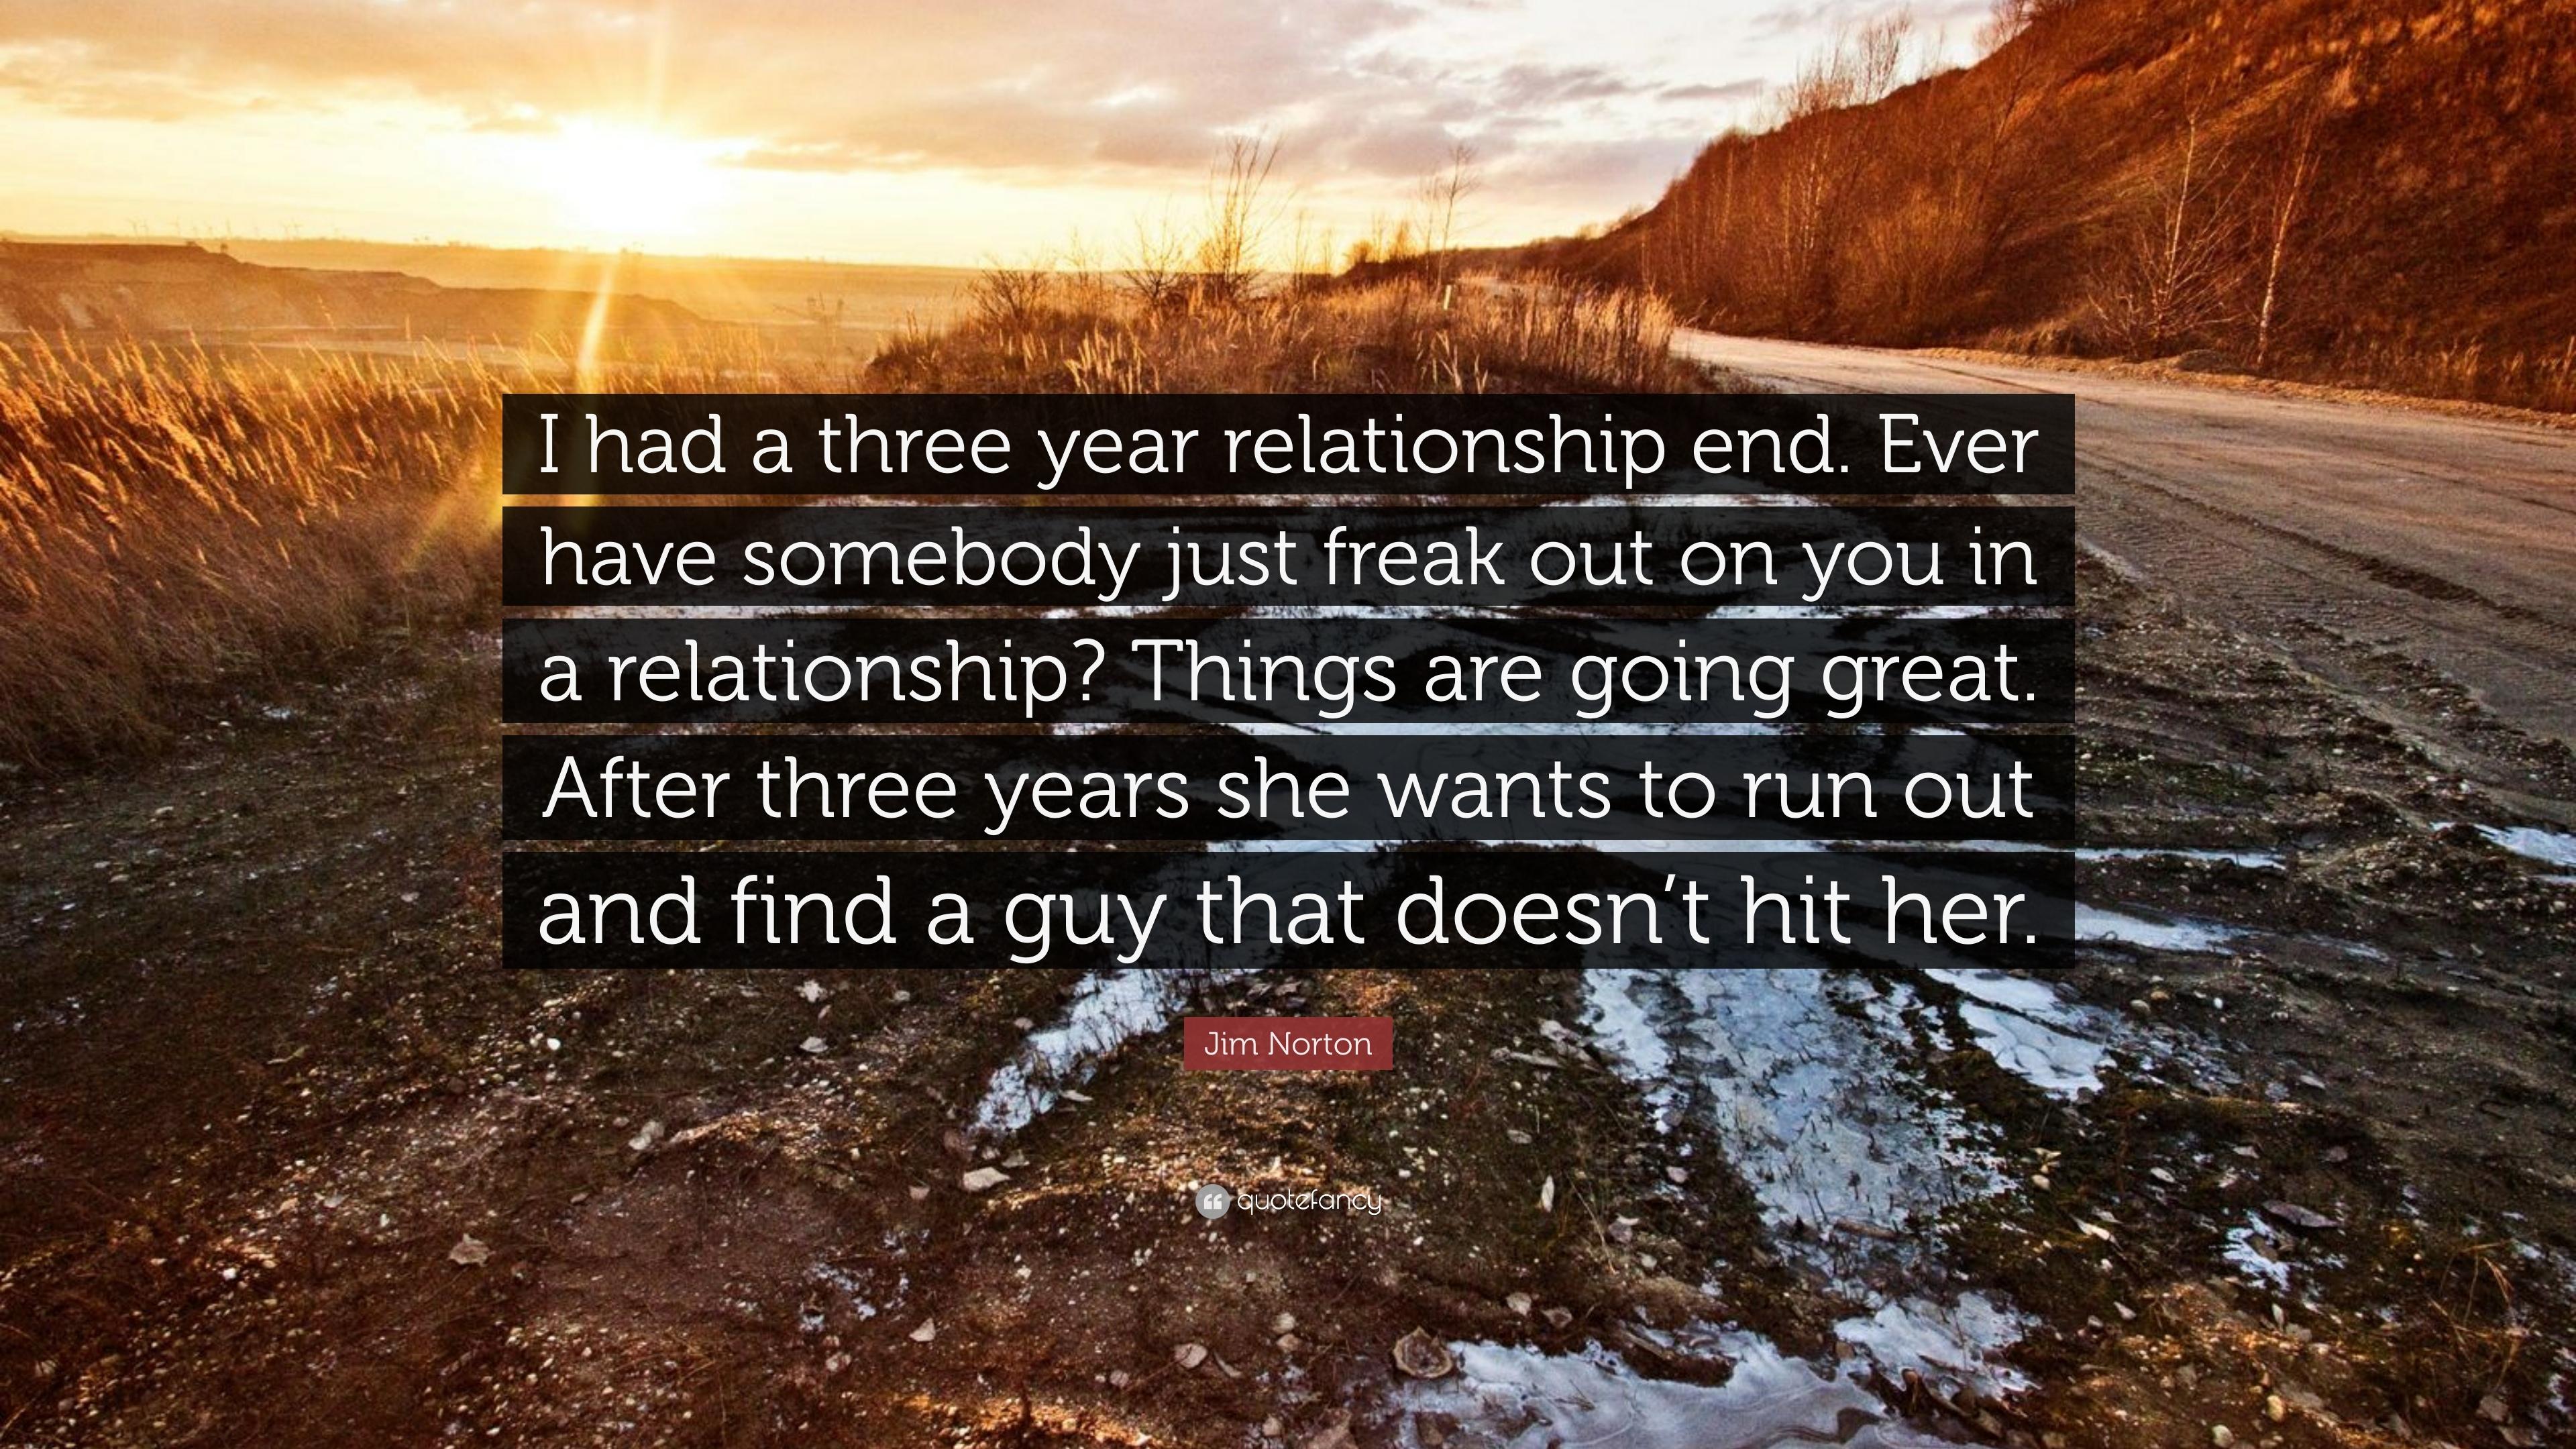 keroro ending 3 year relationship